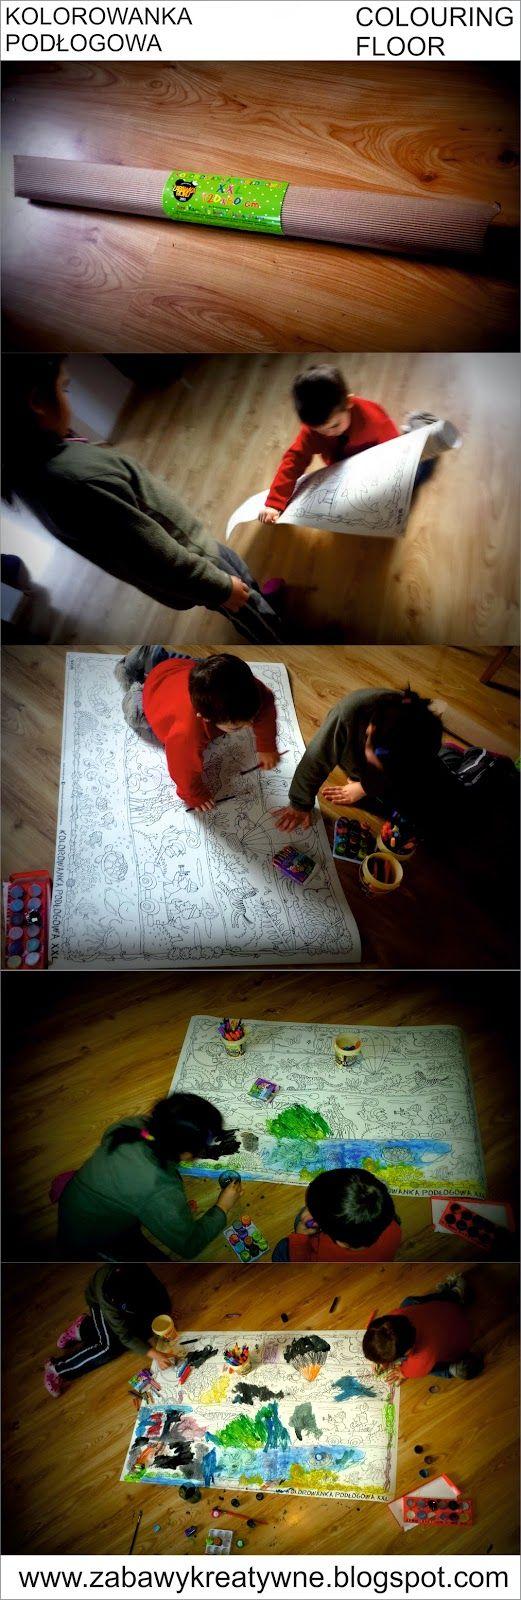 Zabawy kreatywne: Kolorowanka podłogowa